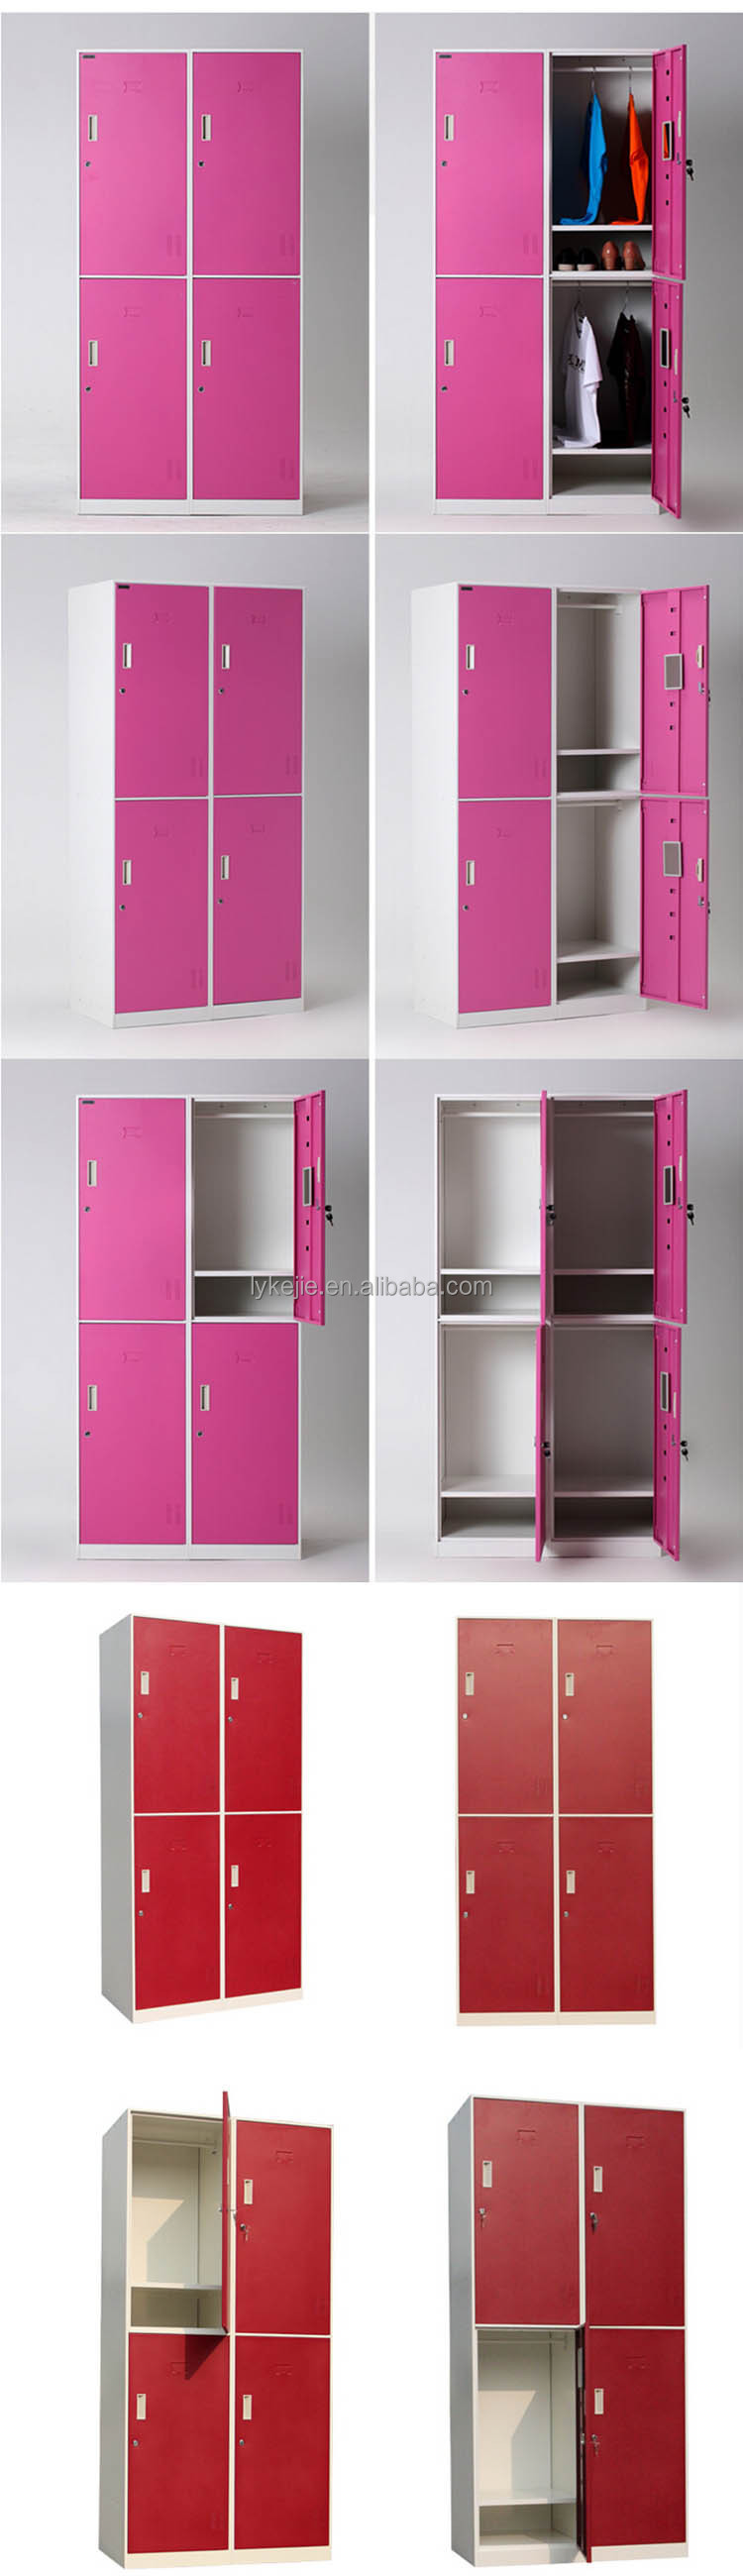 Steel Bedroom Furniture Wholesale New Design Steel Bedroom Furniture Steel Godrej Cupboard